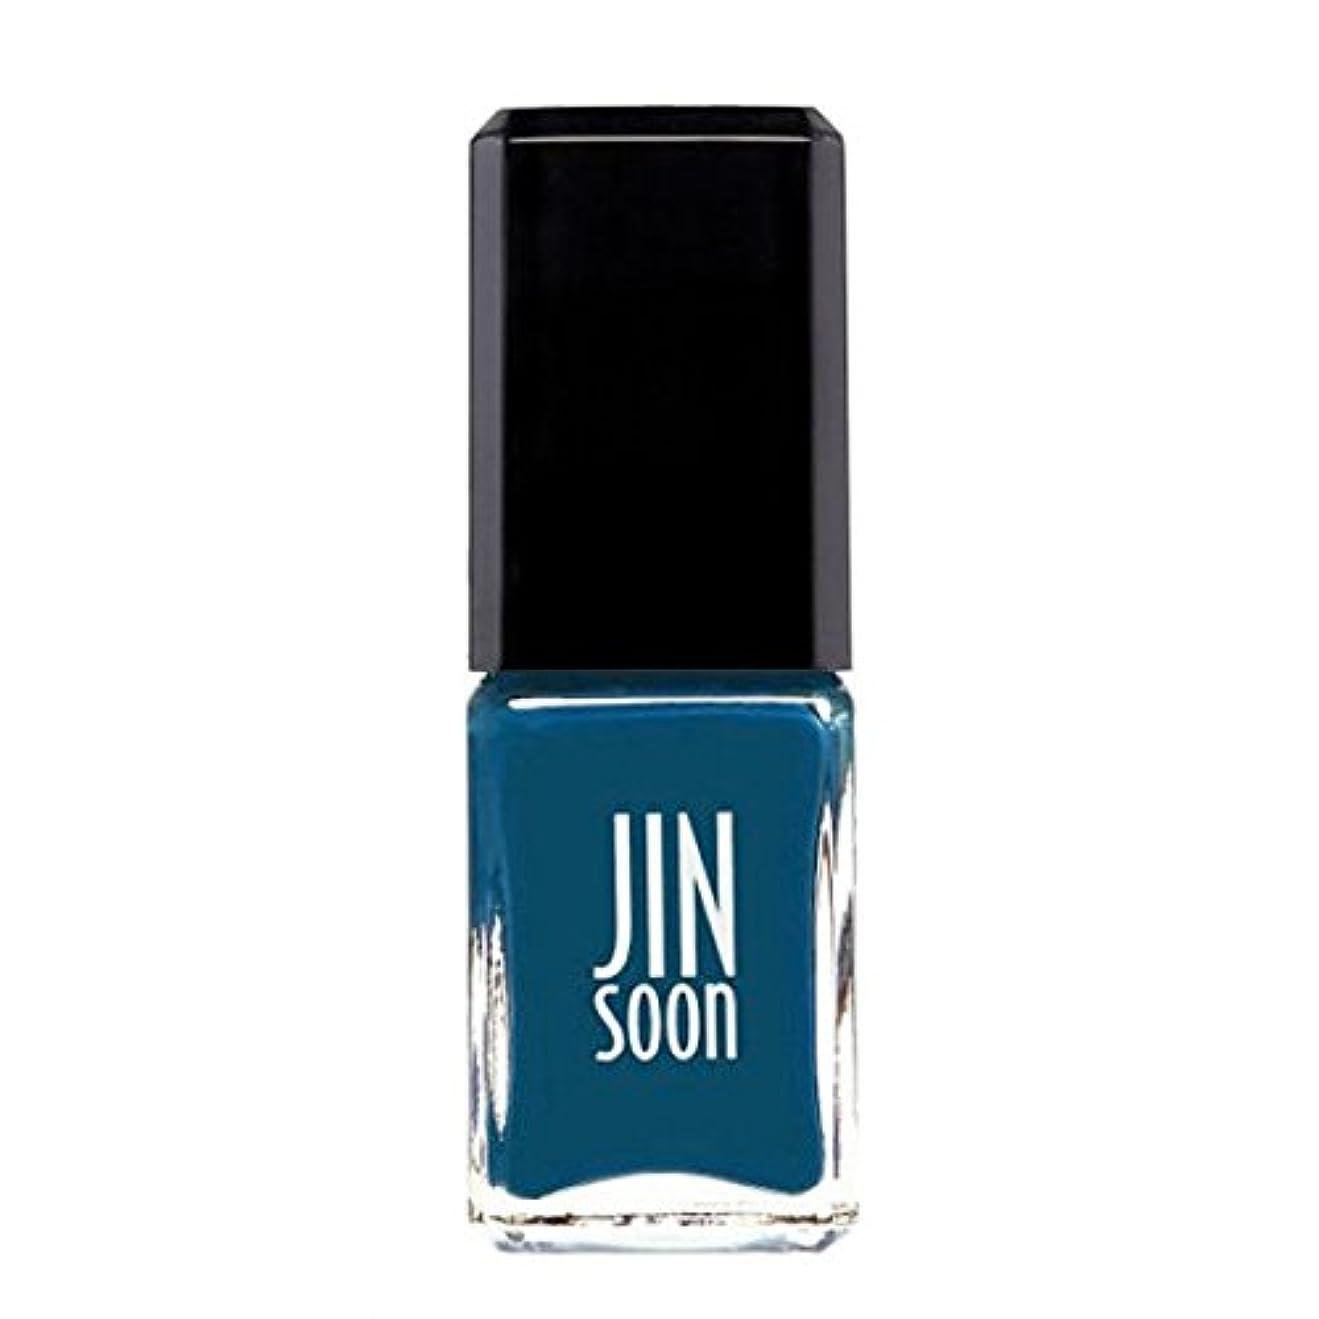 意見誇り地区[ジンスーン] [ jinsoon] ボウ(ティールブルー) BEAU ジンスーン 5フリー ネイルポリッシュ ネイルカラー系統:ティールブルー teal blue 11mL